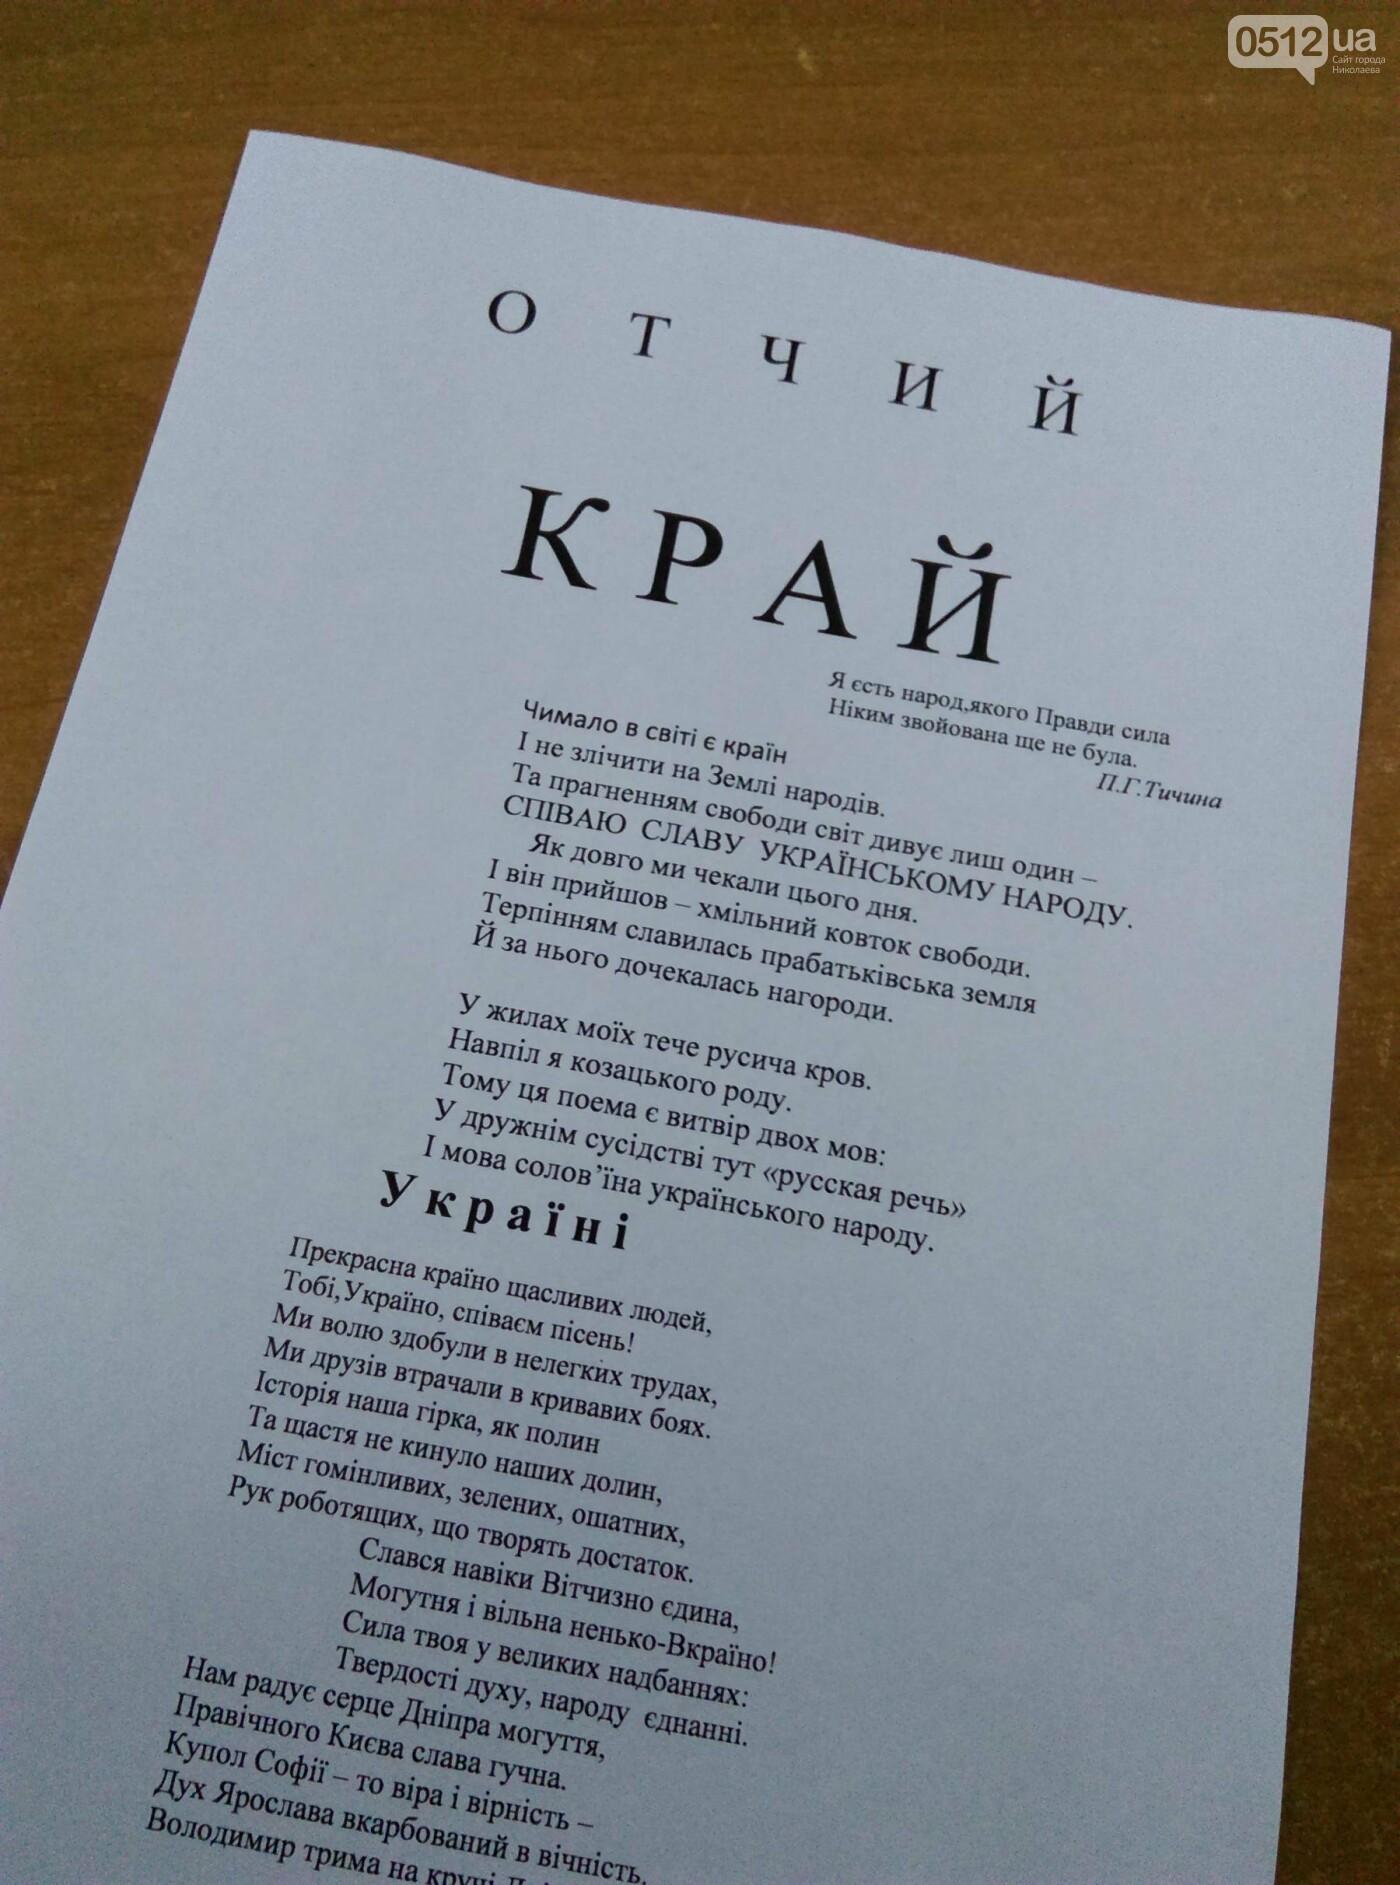 Жители Николаевщины прислали на конкурс 300 страниц поэзии, в надежде выиграть iPhone Х от губернатора Савченко, фото-3